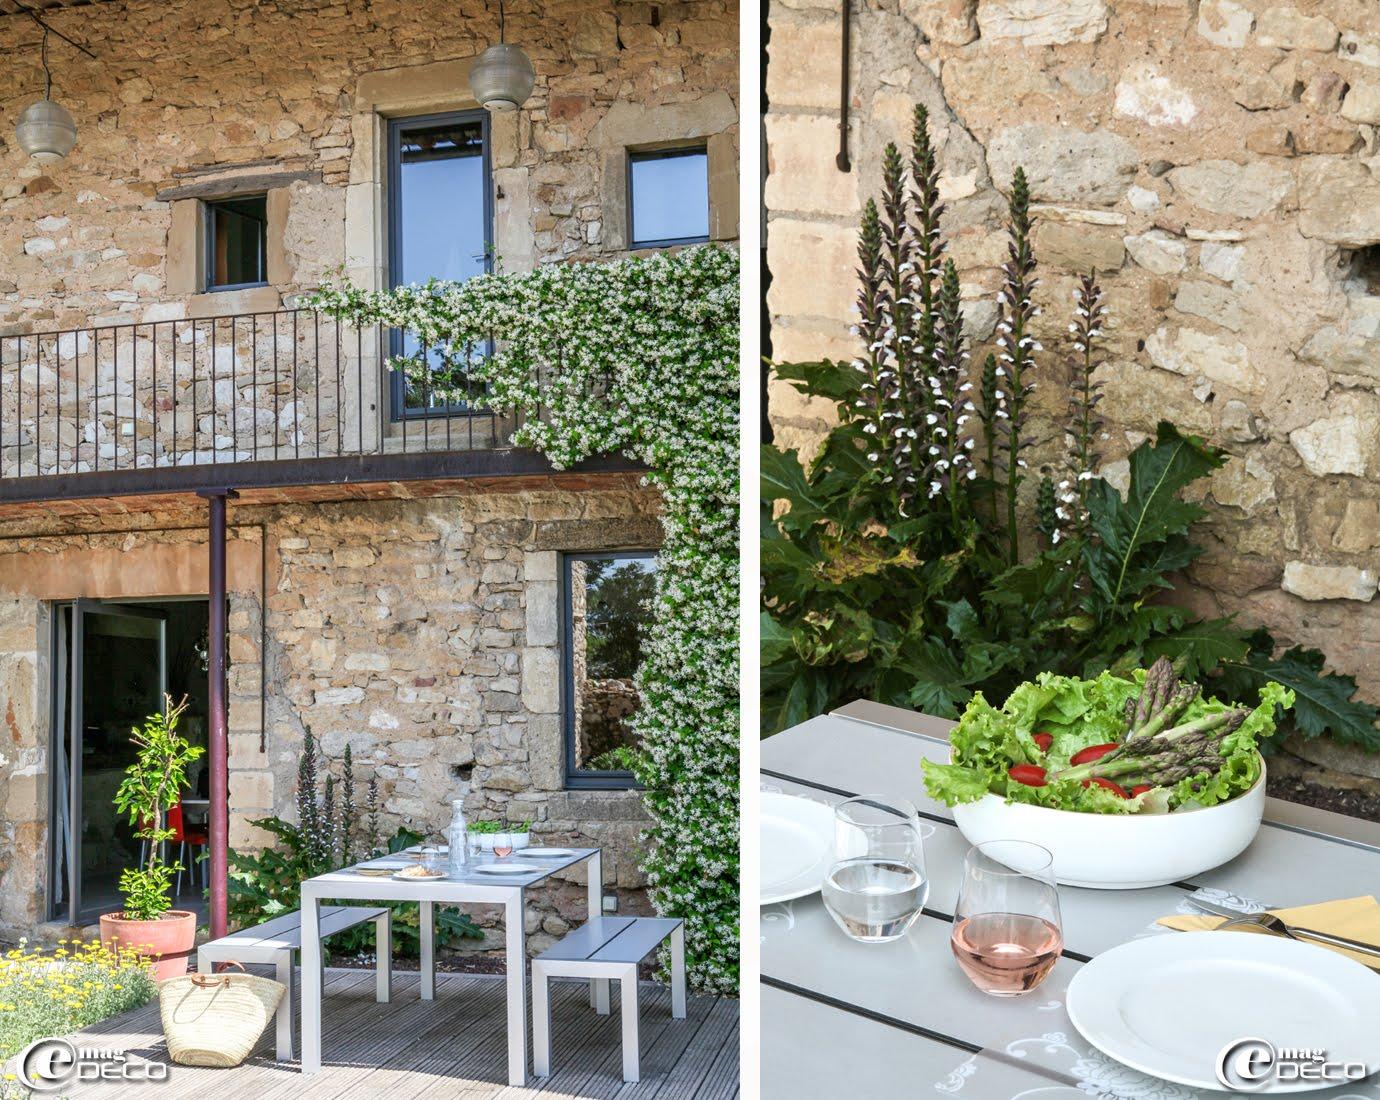 Table et bancs Sushi, marque Krislalia, en lattes de laminé stratifié AluCompact à La Maison d'Ulysse, maison d'hôtes de chrame dans le Gard